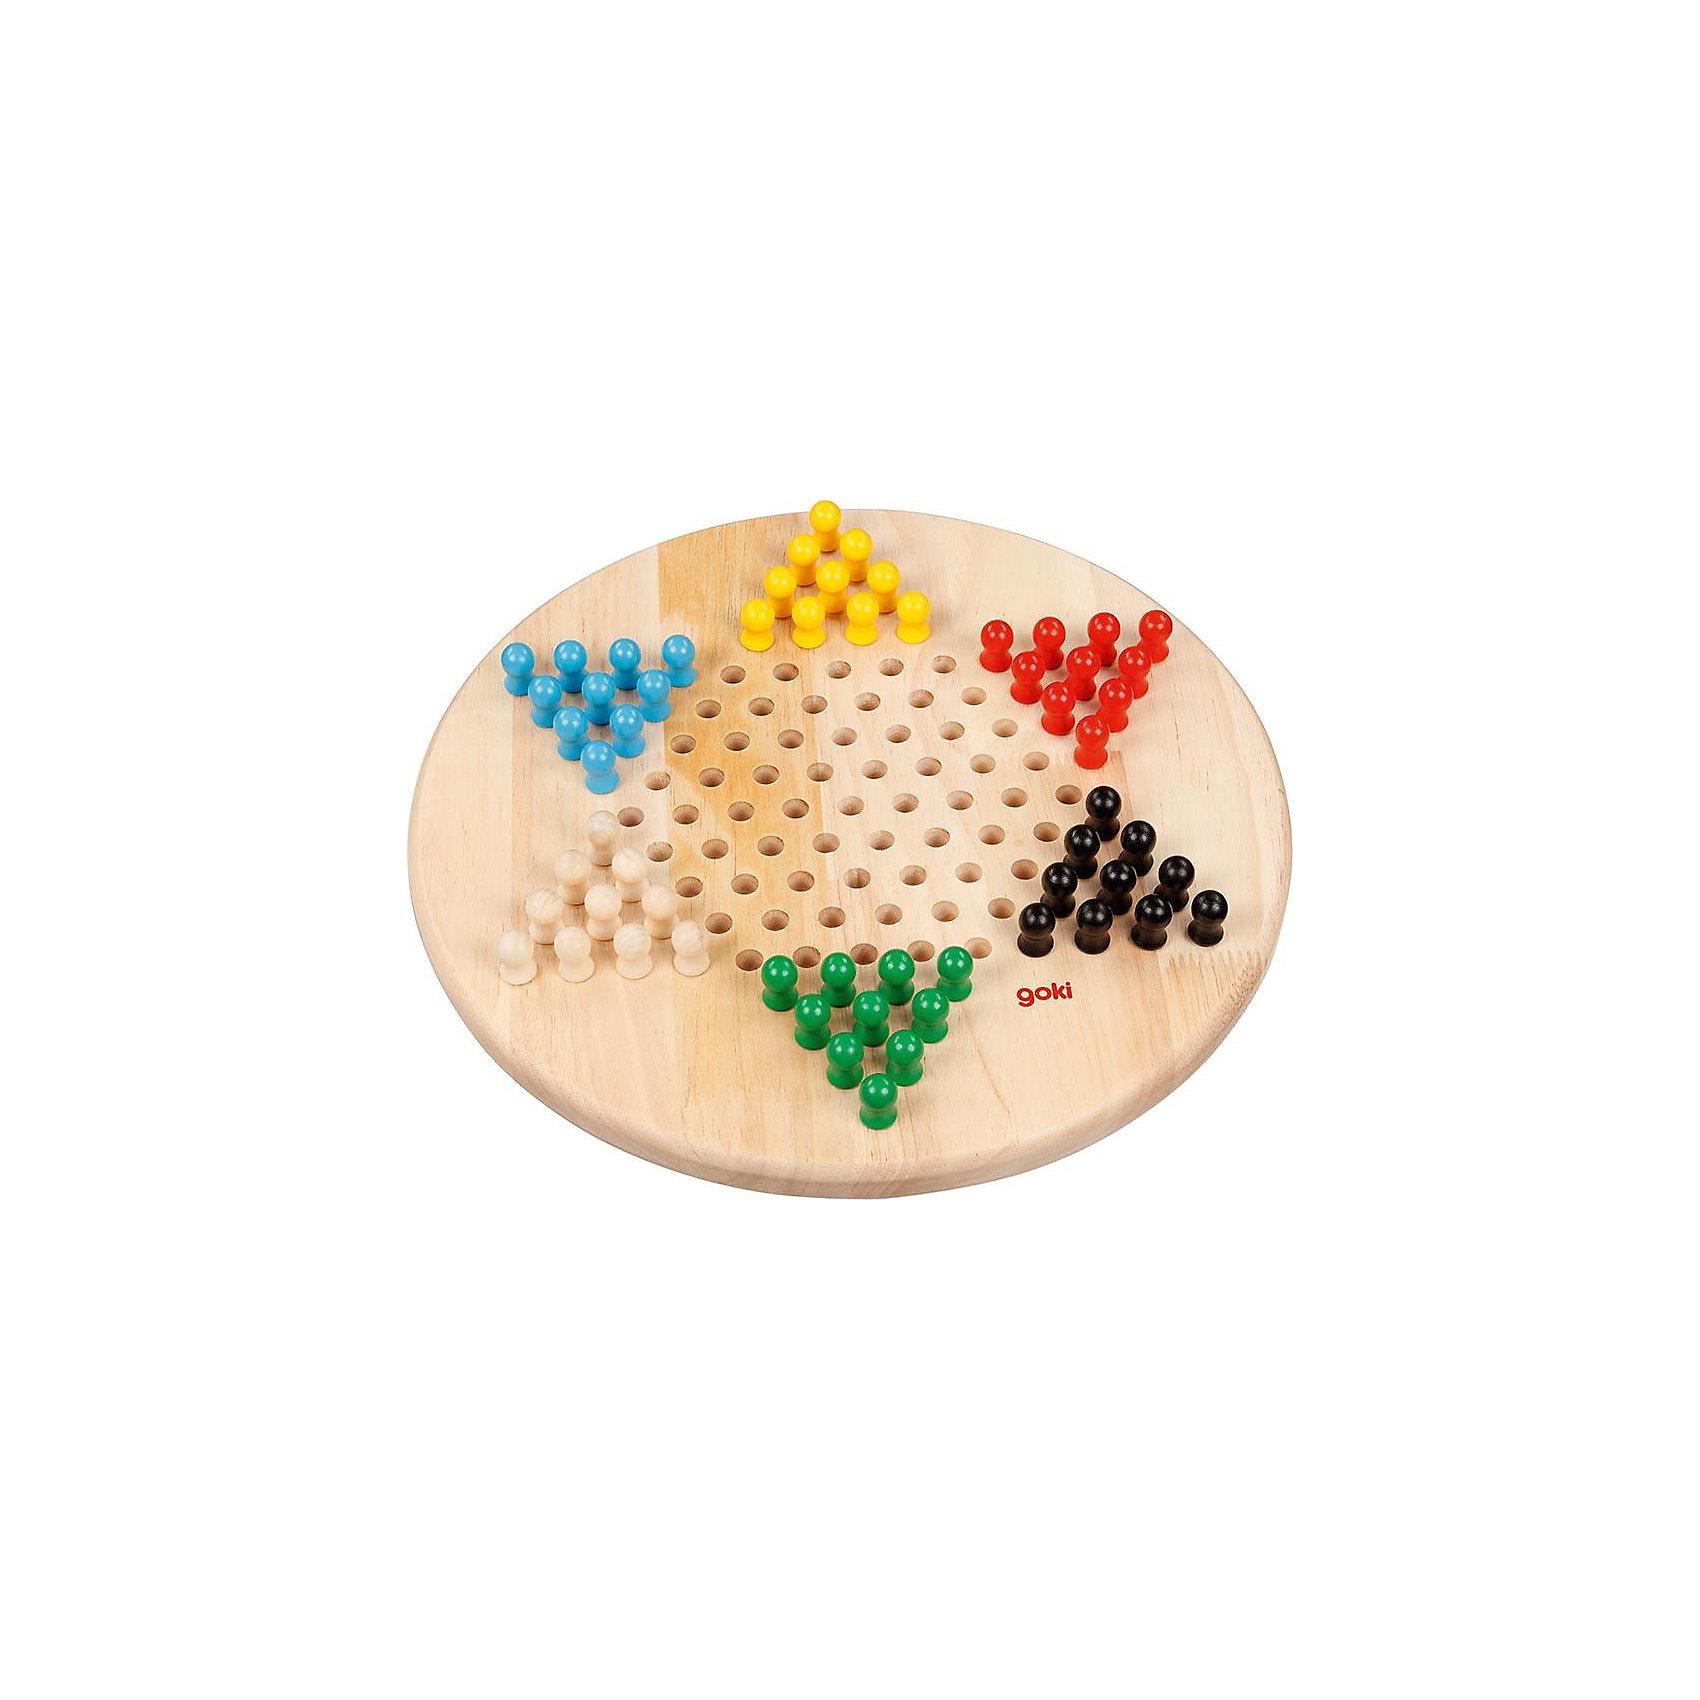 Игра Китайские шашки, gokiДля больших компаний<br>Интересная стратегическая игра, в которую могут играть от 2-х до 6-ти человек.<br><br>Целью игры является первым поставить свои 10 фигур на другую сторону доски.<br><br>Каждый игрок выбирает цвет своих фигур и устанавливает их в предназначенное для него острие звезды. Начинает самый молодой игрок и одной из своих фигур из второго ряда перепрыгивает любую фигуру из первого ряда.<br><br>Всегда ходят только своей фигурой. Фигура ставится на свободное поле, которое находится прямо возле нее. При этом разрешается ставить вперед, вбок или назад.<br>Другие фигуры, также и других игроков, разрешается перепрыгивать, если расположенное за нею место свободно.<br><br>Во время хода можно перепрыгивать многие другие фигуры, а также после прыжка менять направление. Также во время хода возможно с одного острия звезды поставить в другое.<br>Как только фигура достигла расположенного напротив острия звезды, ей не разрешается больше покидать острие, а только там передвигаться.<br><br>Игрок не может препятствовать выигрышу тем, что его острие звезды занимается чужими фигурами. В этом случае игрок выигрывает и тогда, если оставшиеся поля заняты его собственными фигурами.<br>Если играют менее 6 игроков, разрешается ставить в стоящие пустыми острия звезды.<br>Фигуры не разрешается убирать с доски.<br><br>Дополнительная информация:<br><br>Материал: дерево.<br>Диаметр: 29 см.<br>В комплекте: 1 доска, 60 фигур для игры.<br><br>Ширина мм: 200<br>Глубина мм: 50<br>Высота мм: 40<br>Вес г: 1500<br>Возраст от месяцев: 72<br>Возраст до месяцев: 1188<br>Пол: Унисекс<br>Возраст: Детский<br>SKU: 2456952